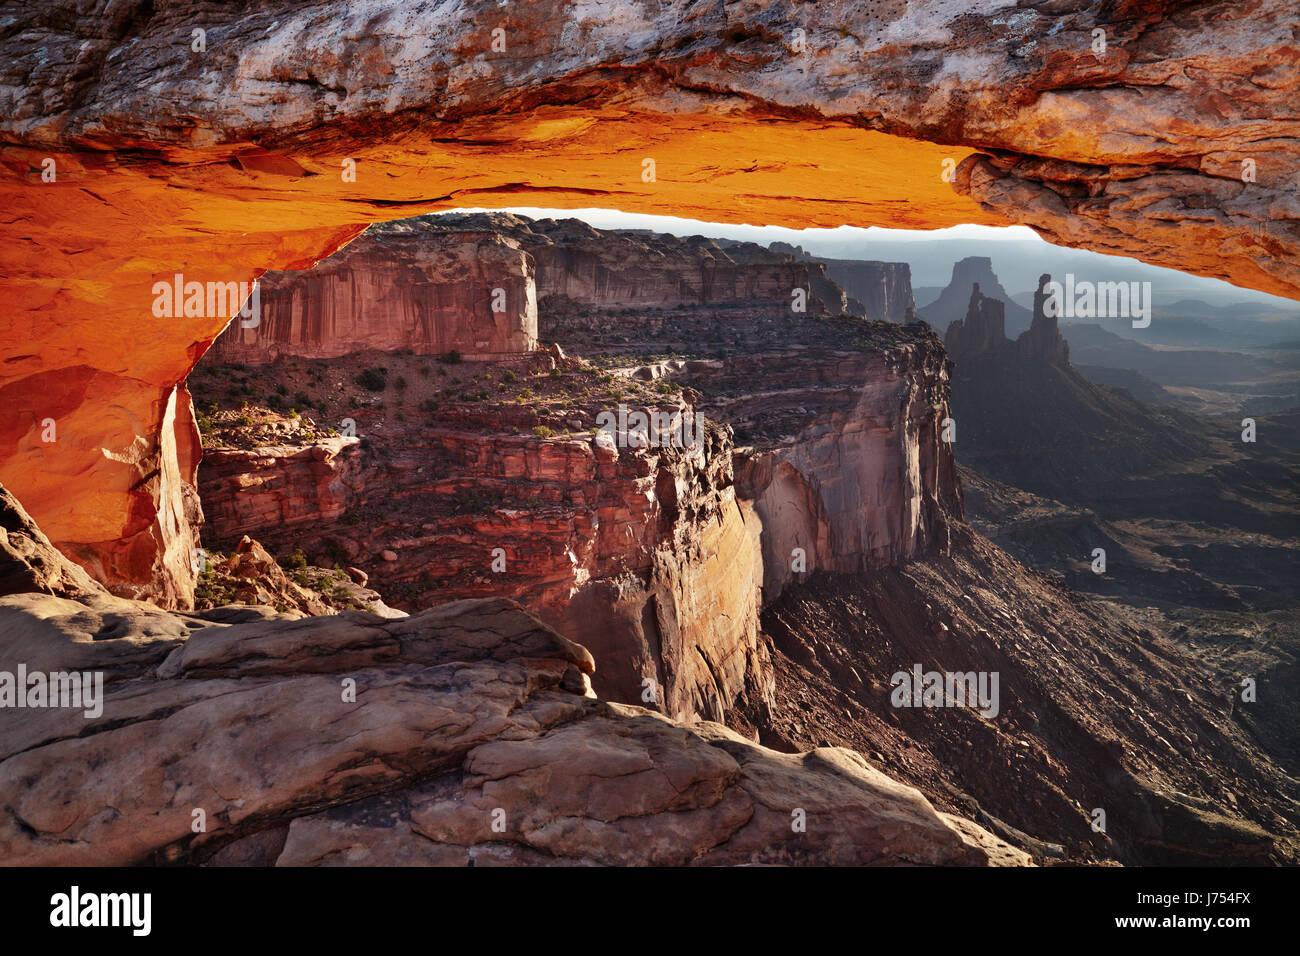 Mesa Arch al amanecer en el Parque Nacional Canyonlands, en Utah, EE.UU. Imagen De Stock